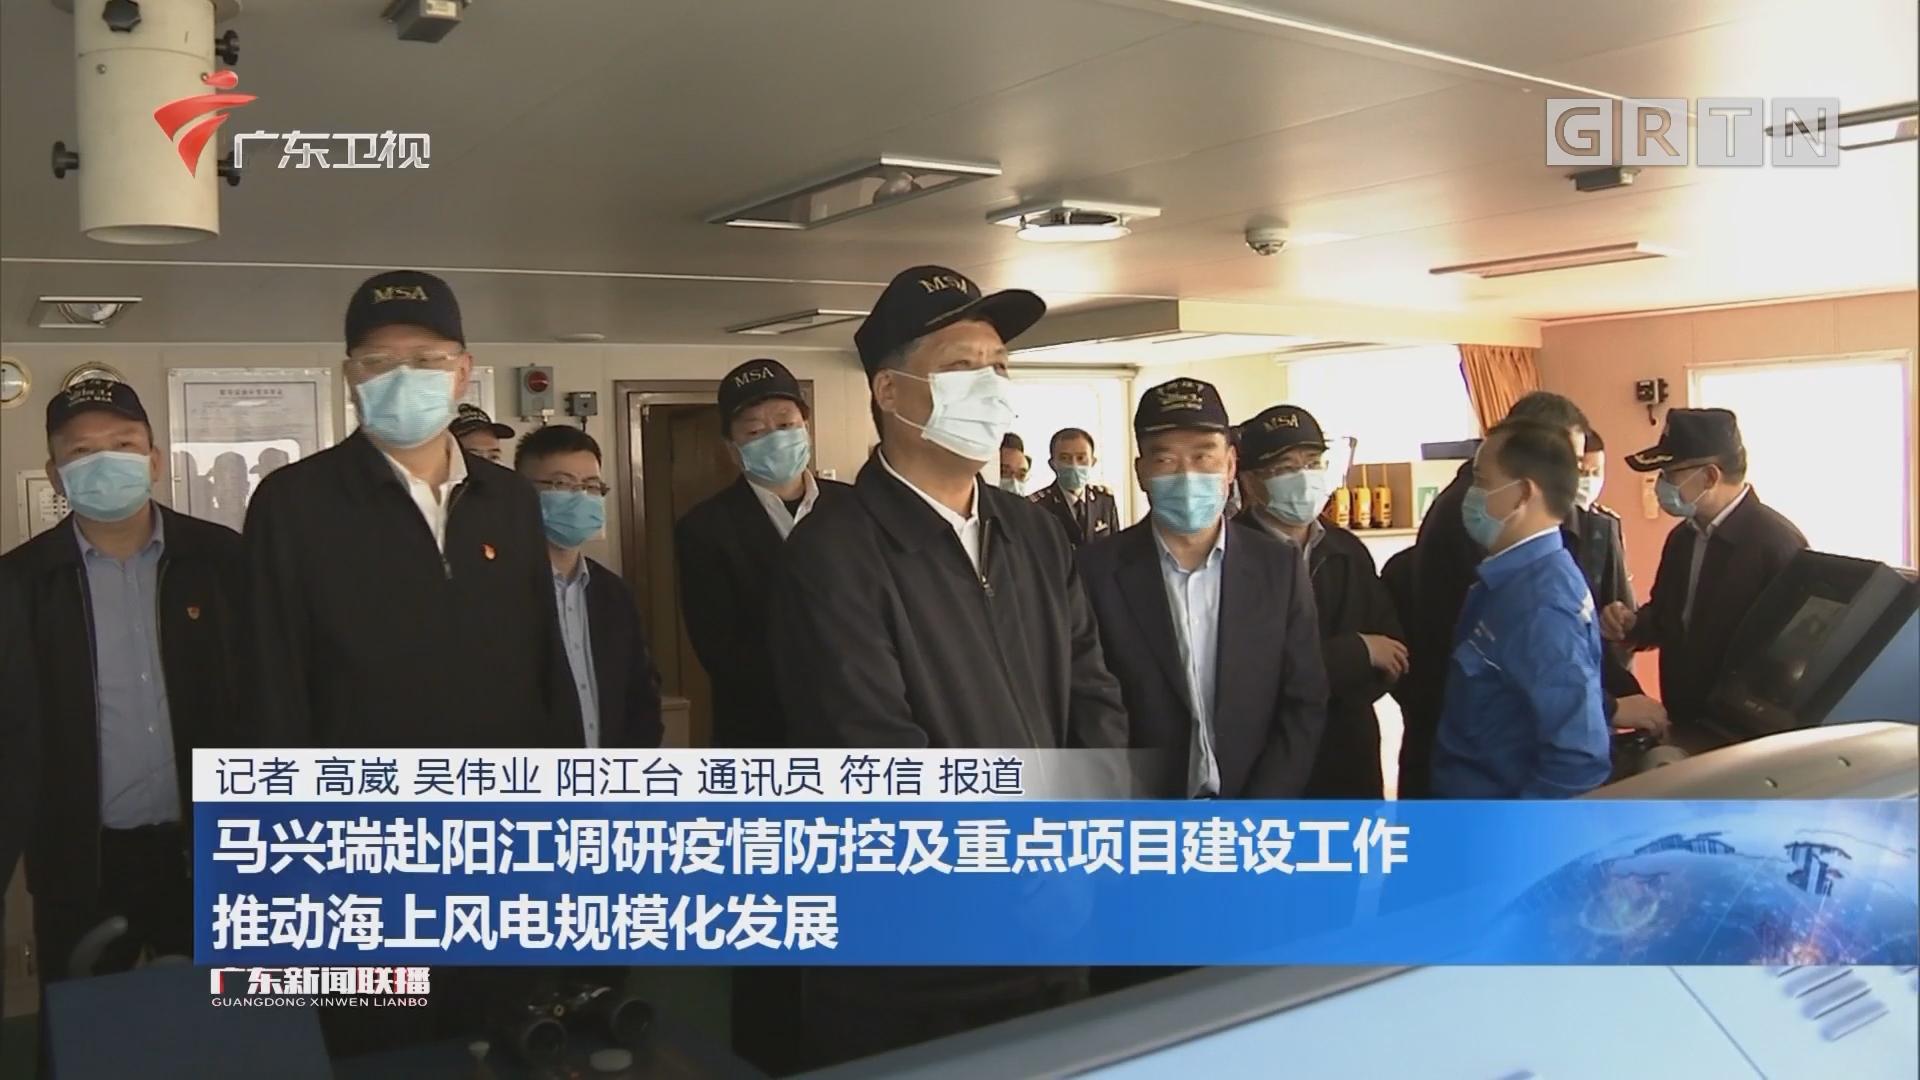 马兴瑞赴阳江调研疫情防控及重点项目建设工作 推动海上风电规模化发展